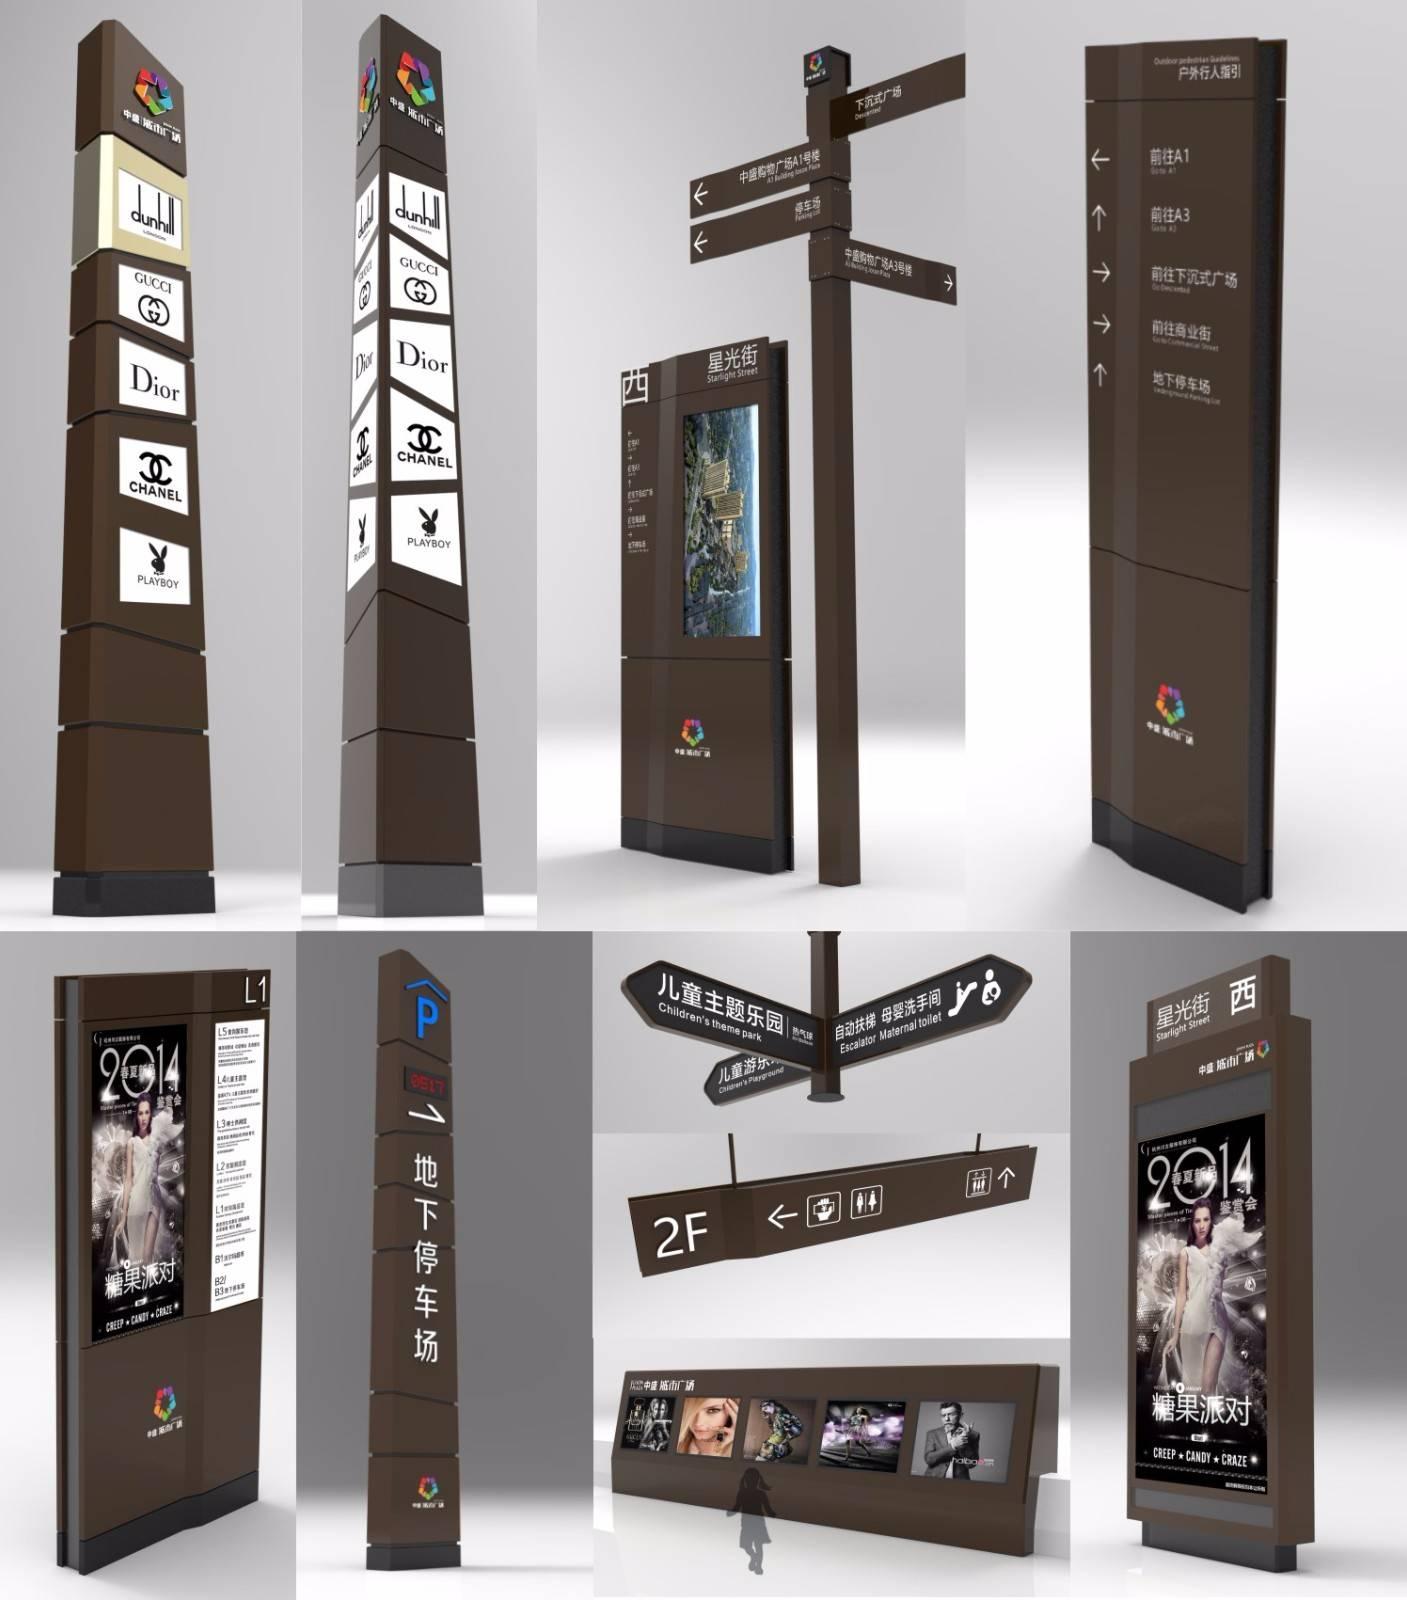 某商场广场导视系统设计【全套标识牌】